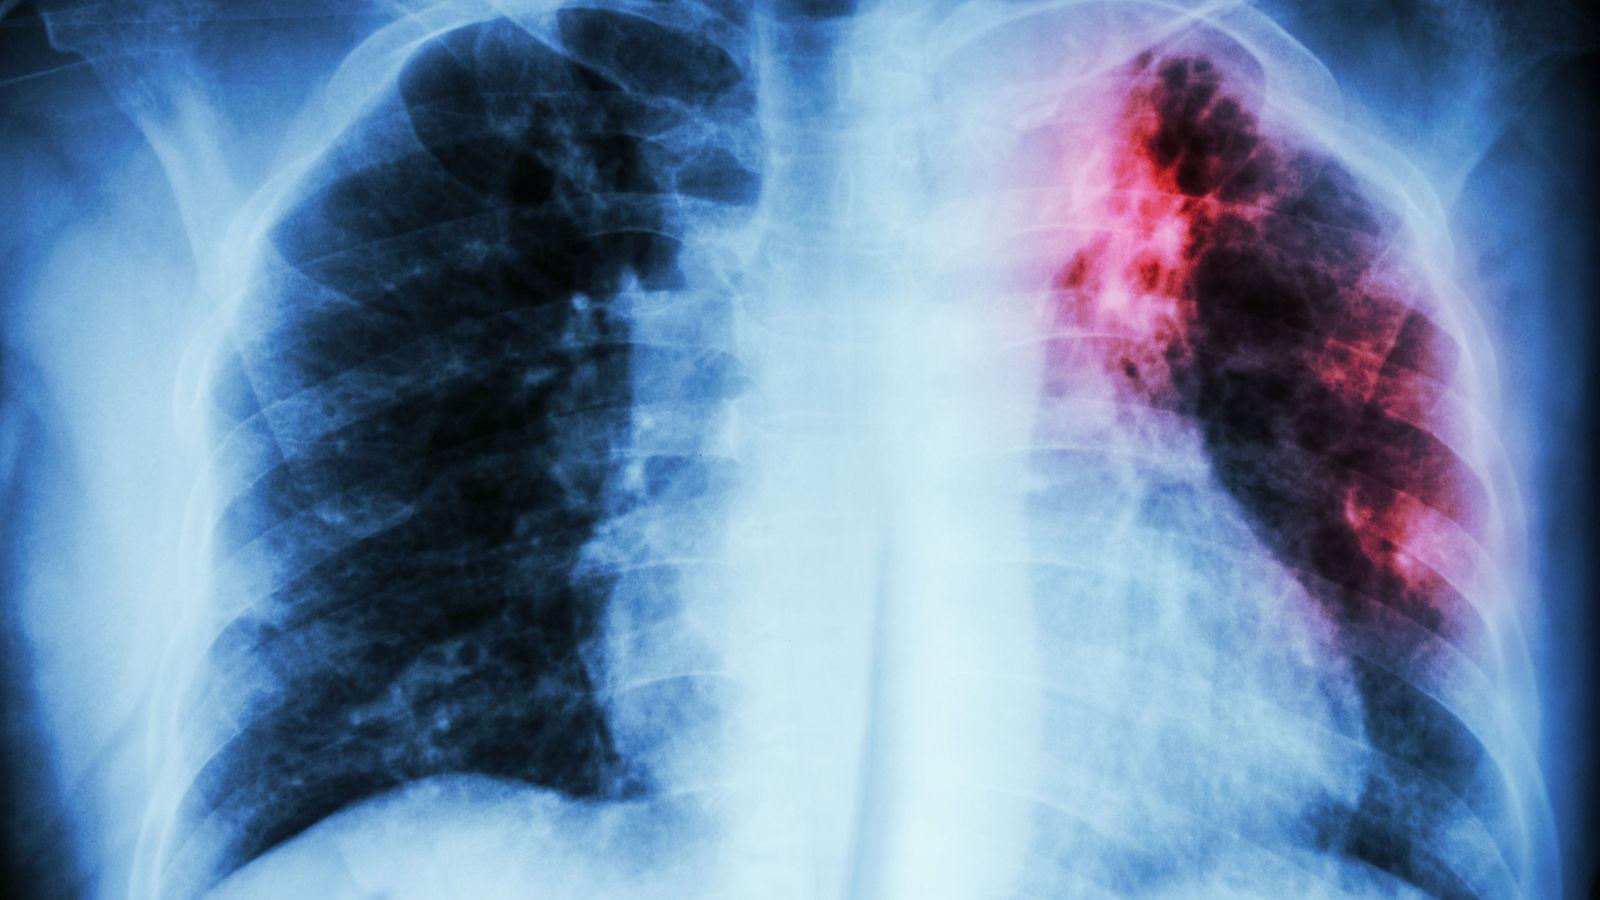 la tuberculose une maladie infectieuse qui peut être mortelle si elle n'est pas dépistée à temps. ...